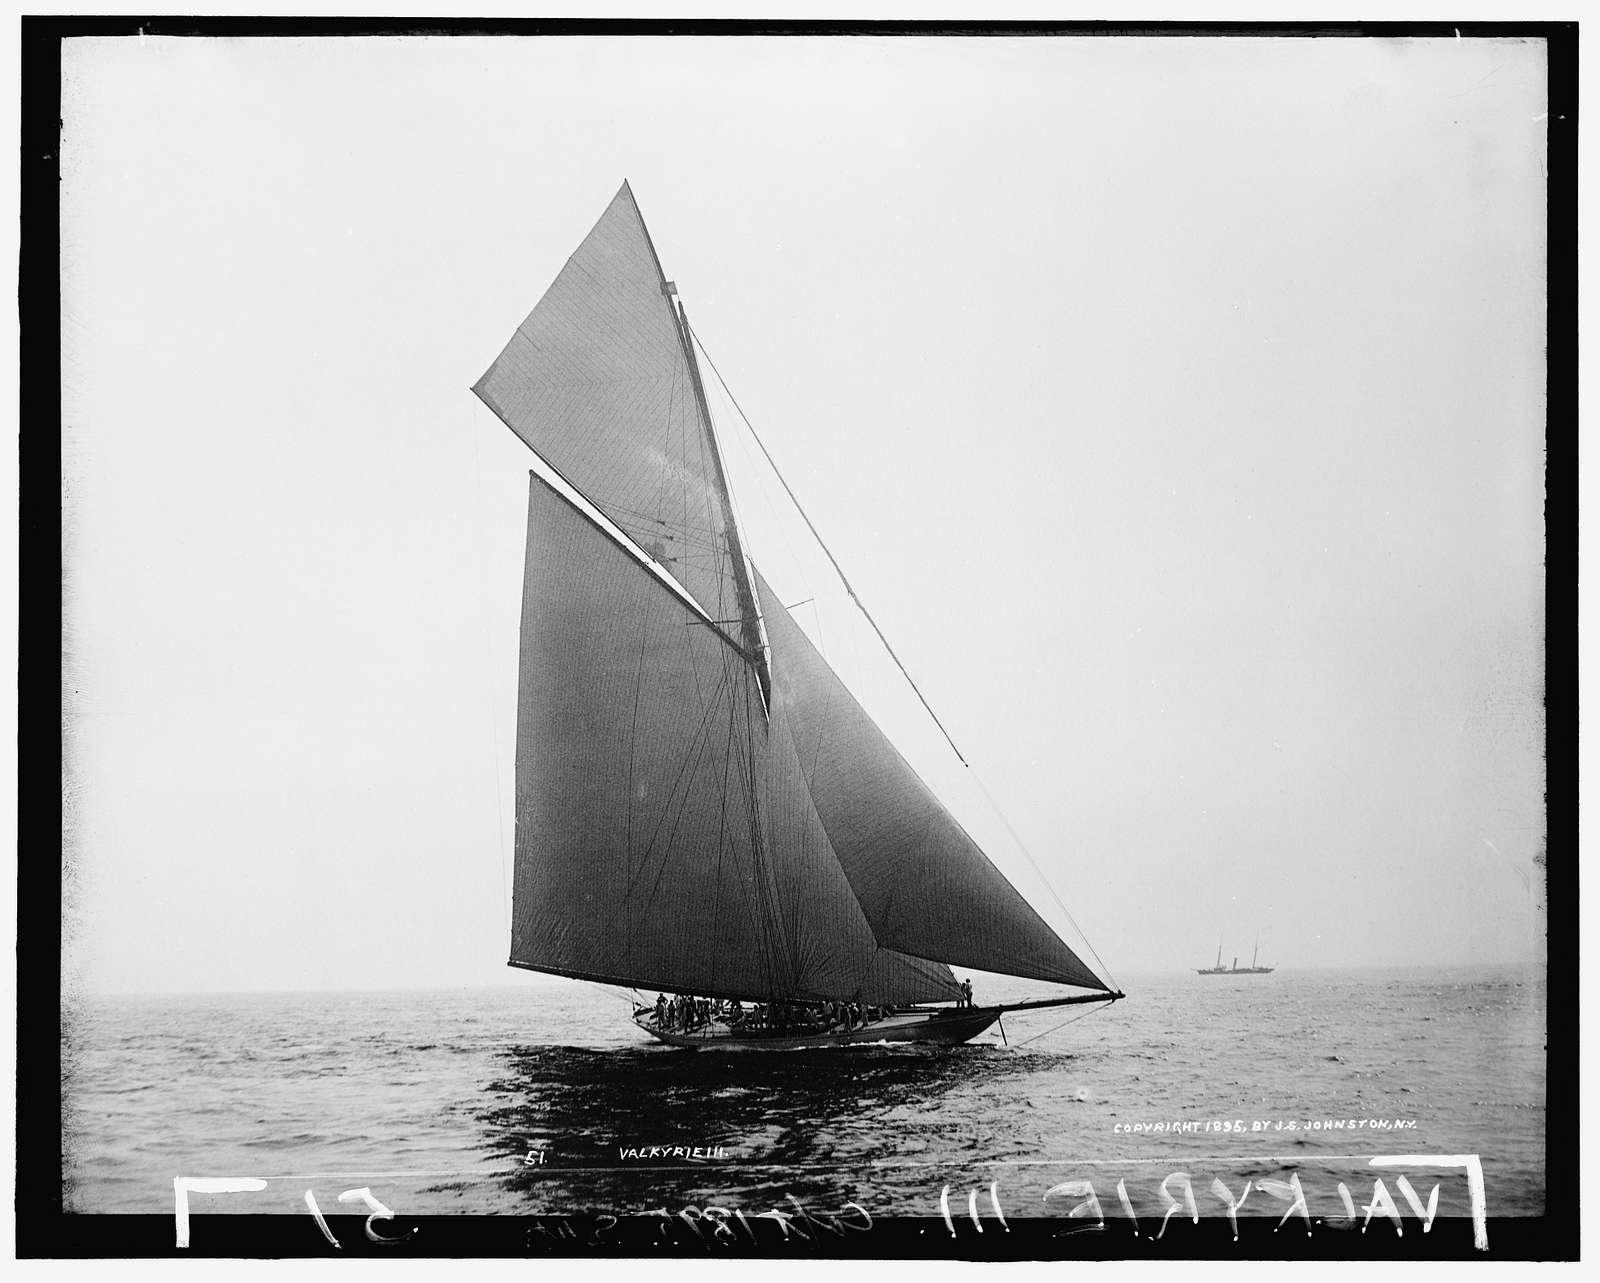 Valkyrie III